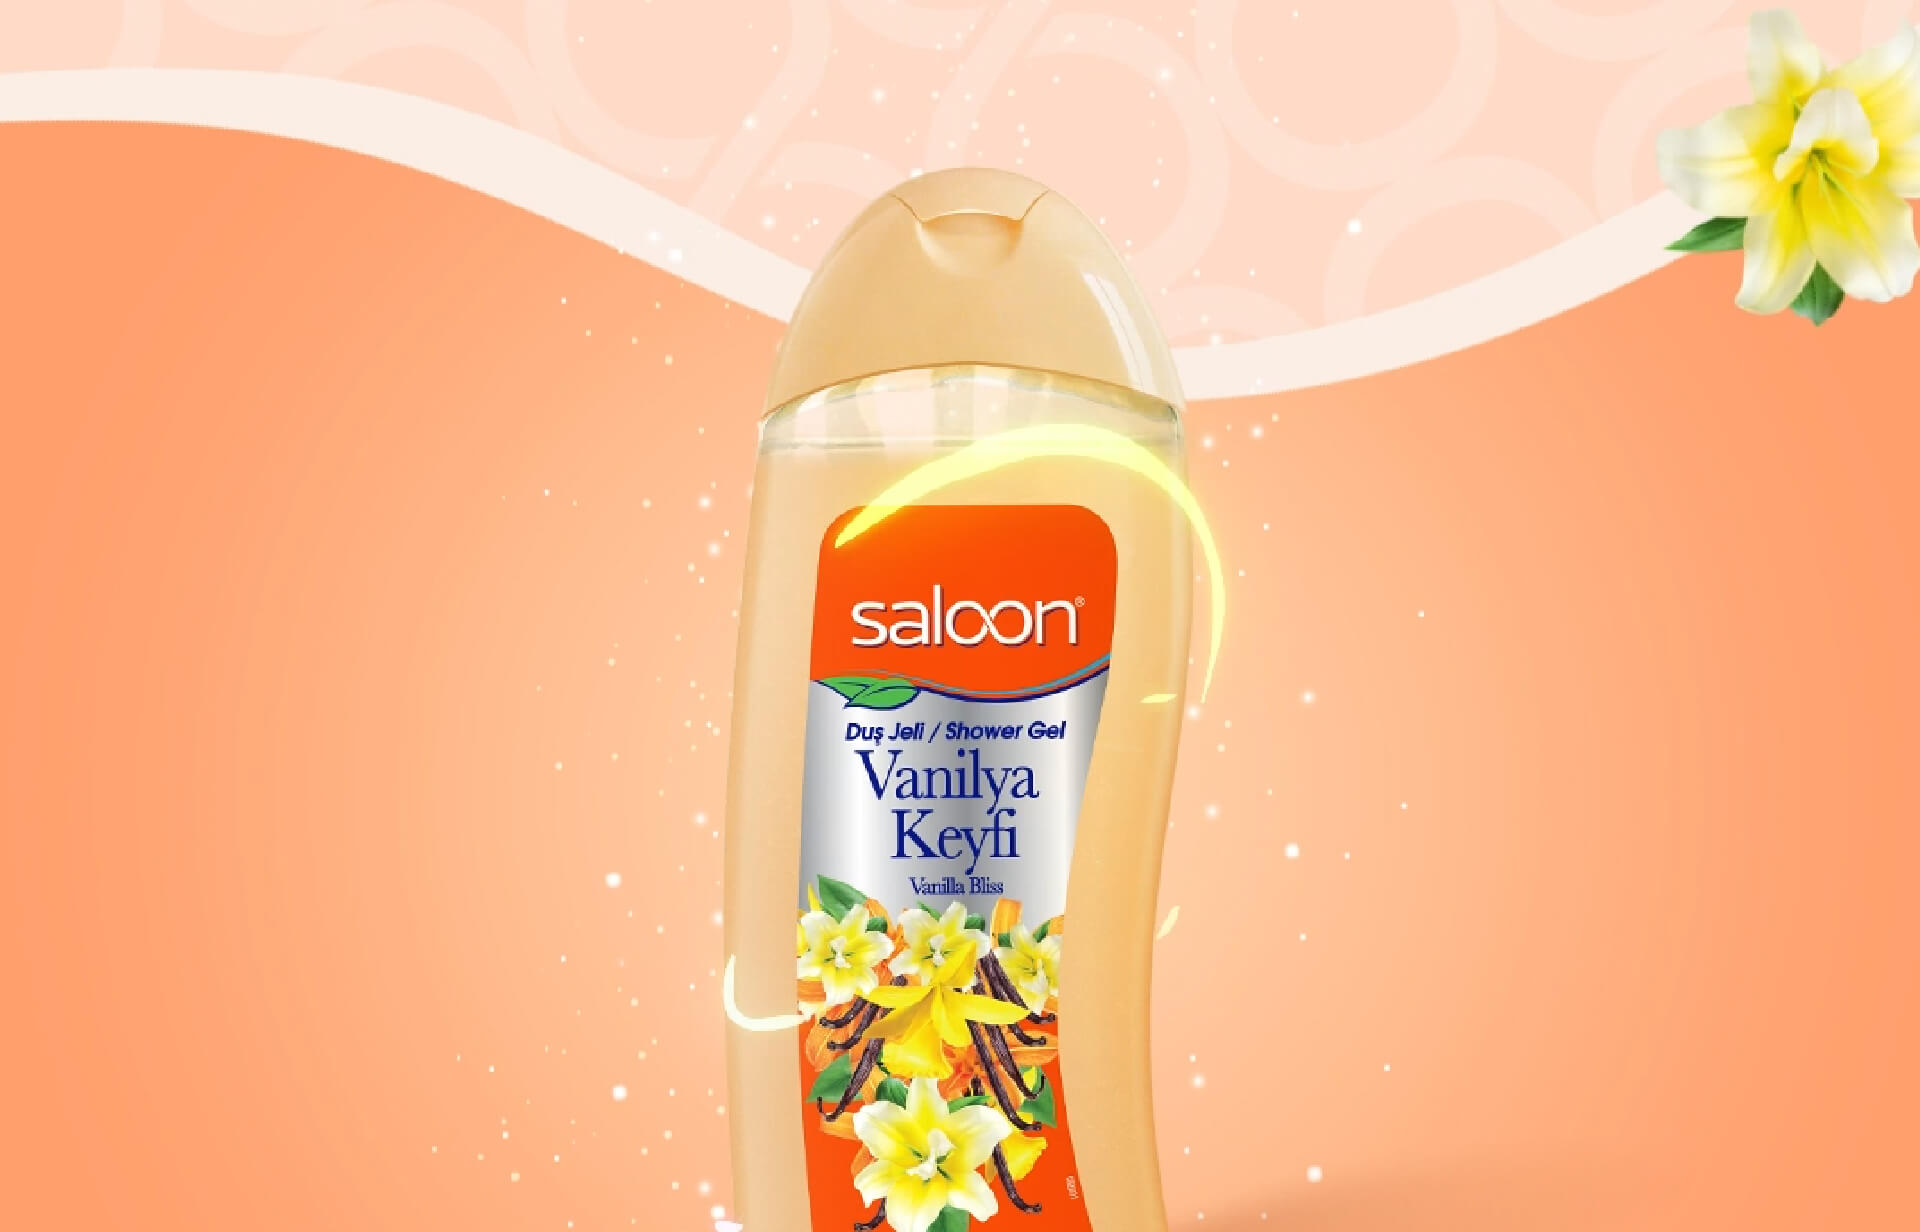 Saloon_8Agustos